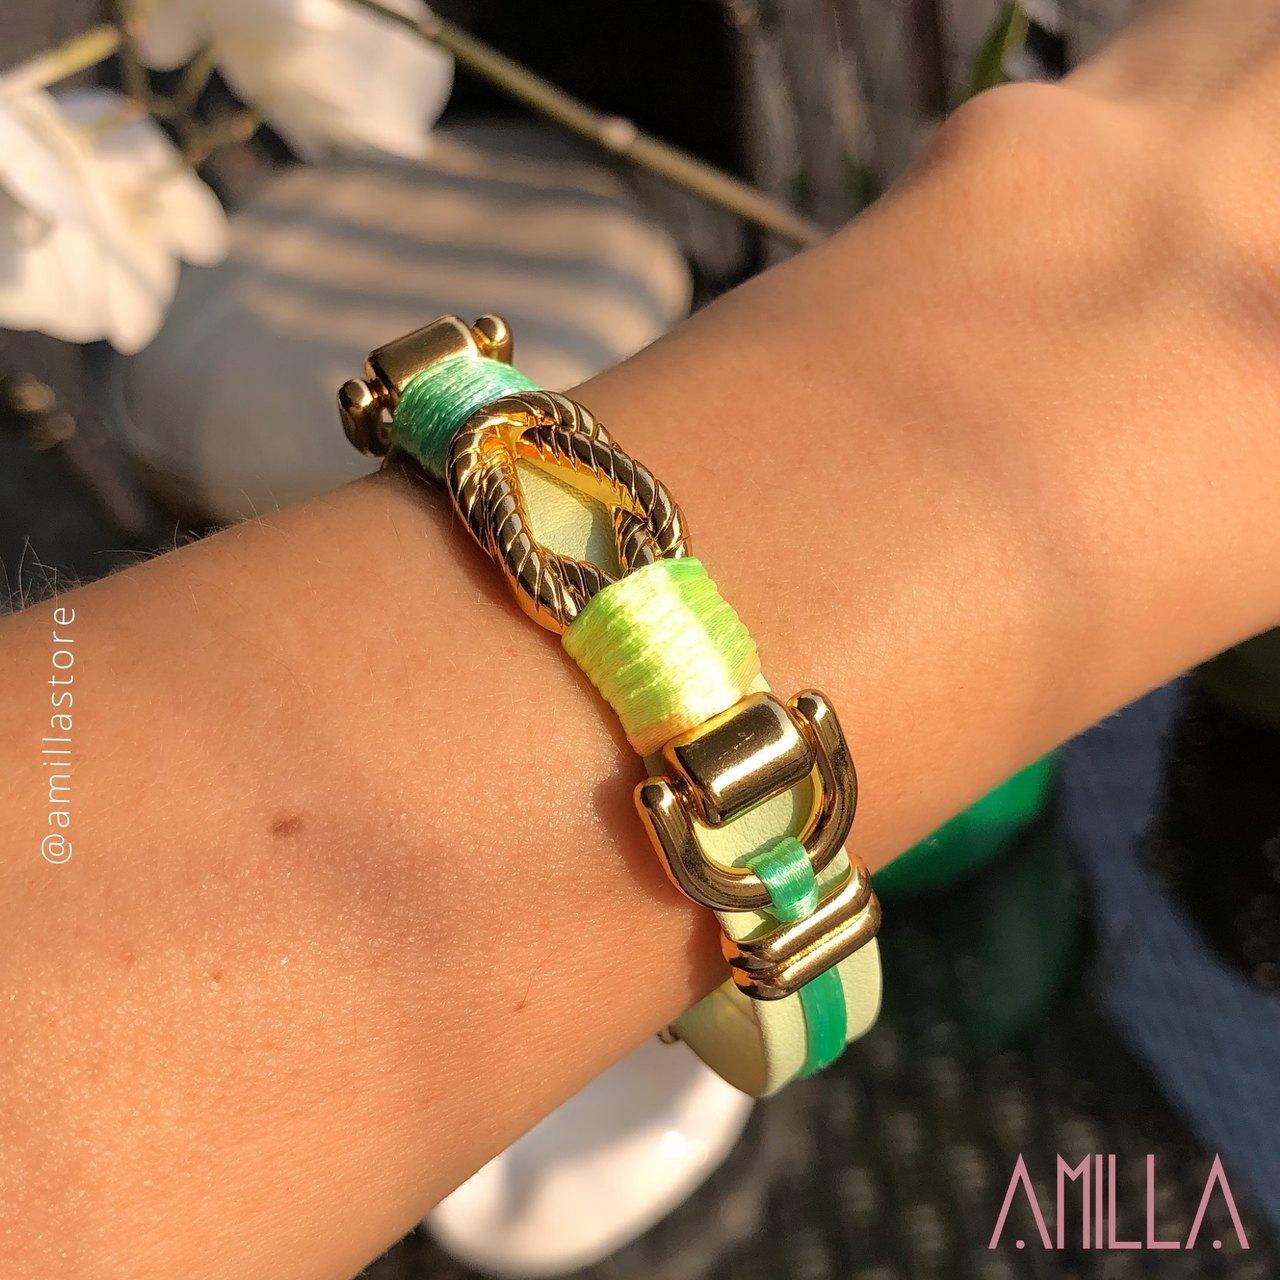 Pulseira Couro Cor Menta tecido Verde Candy Color Detalhe Trançado Metal Banho Ouro